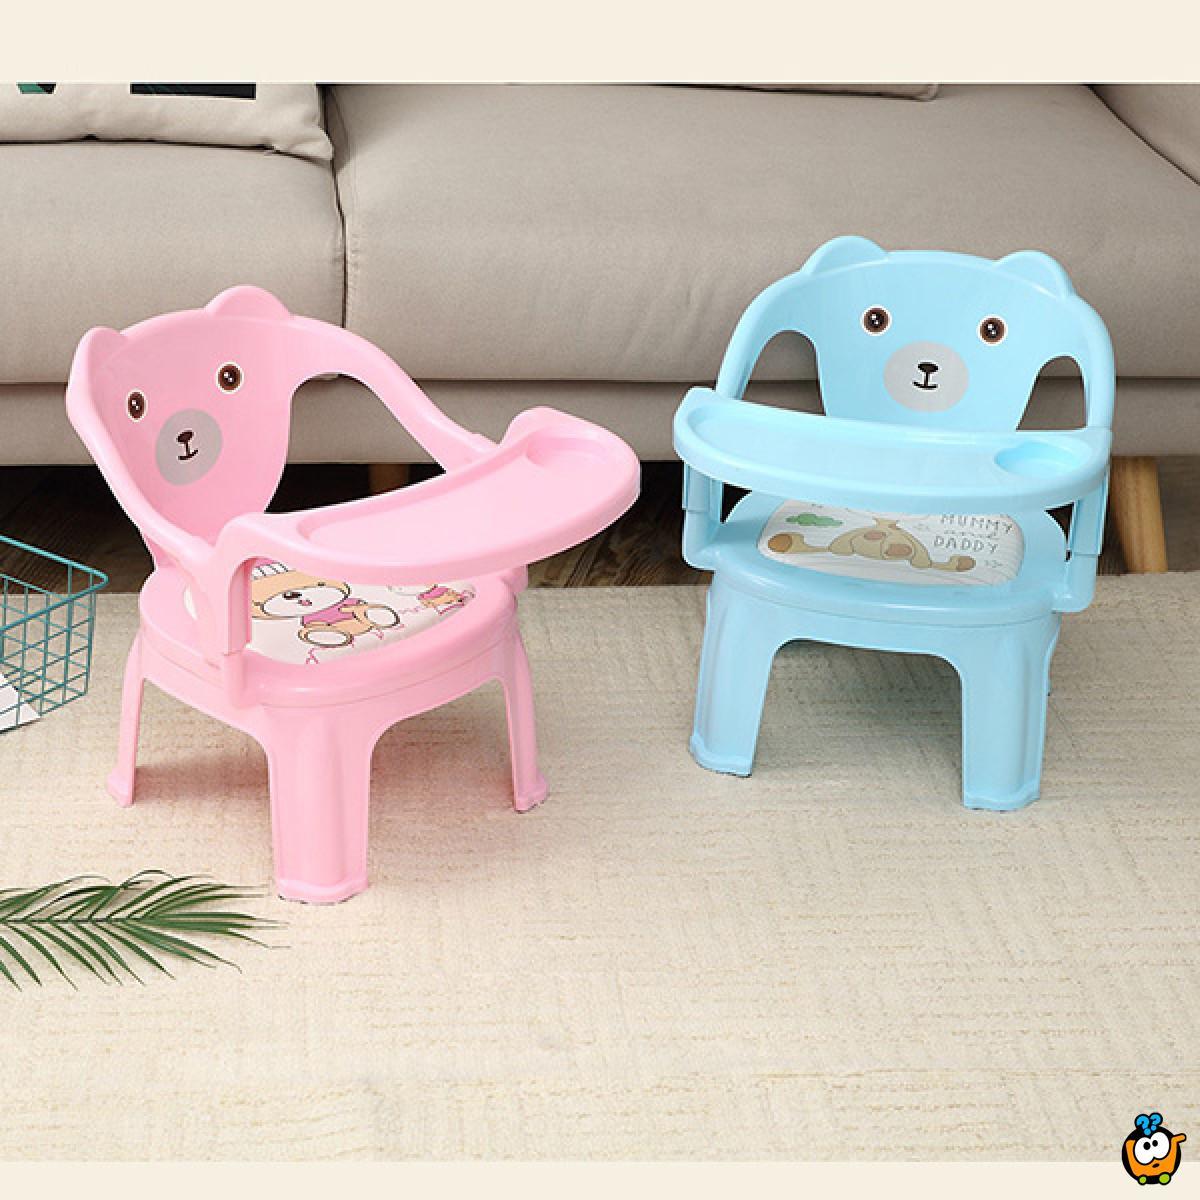 Bebi stolica sa poslužavnikom - za jelo i igru